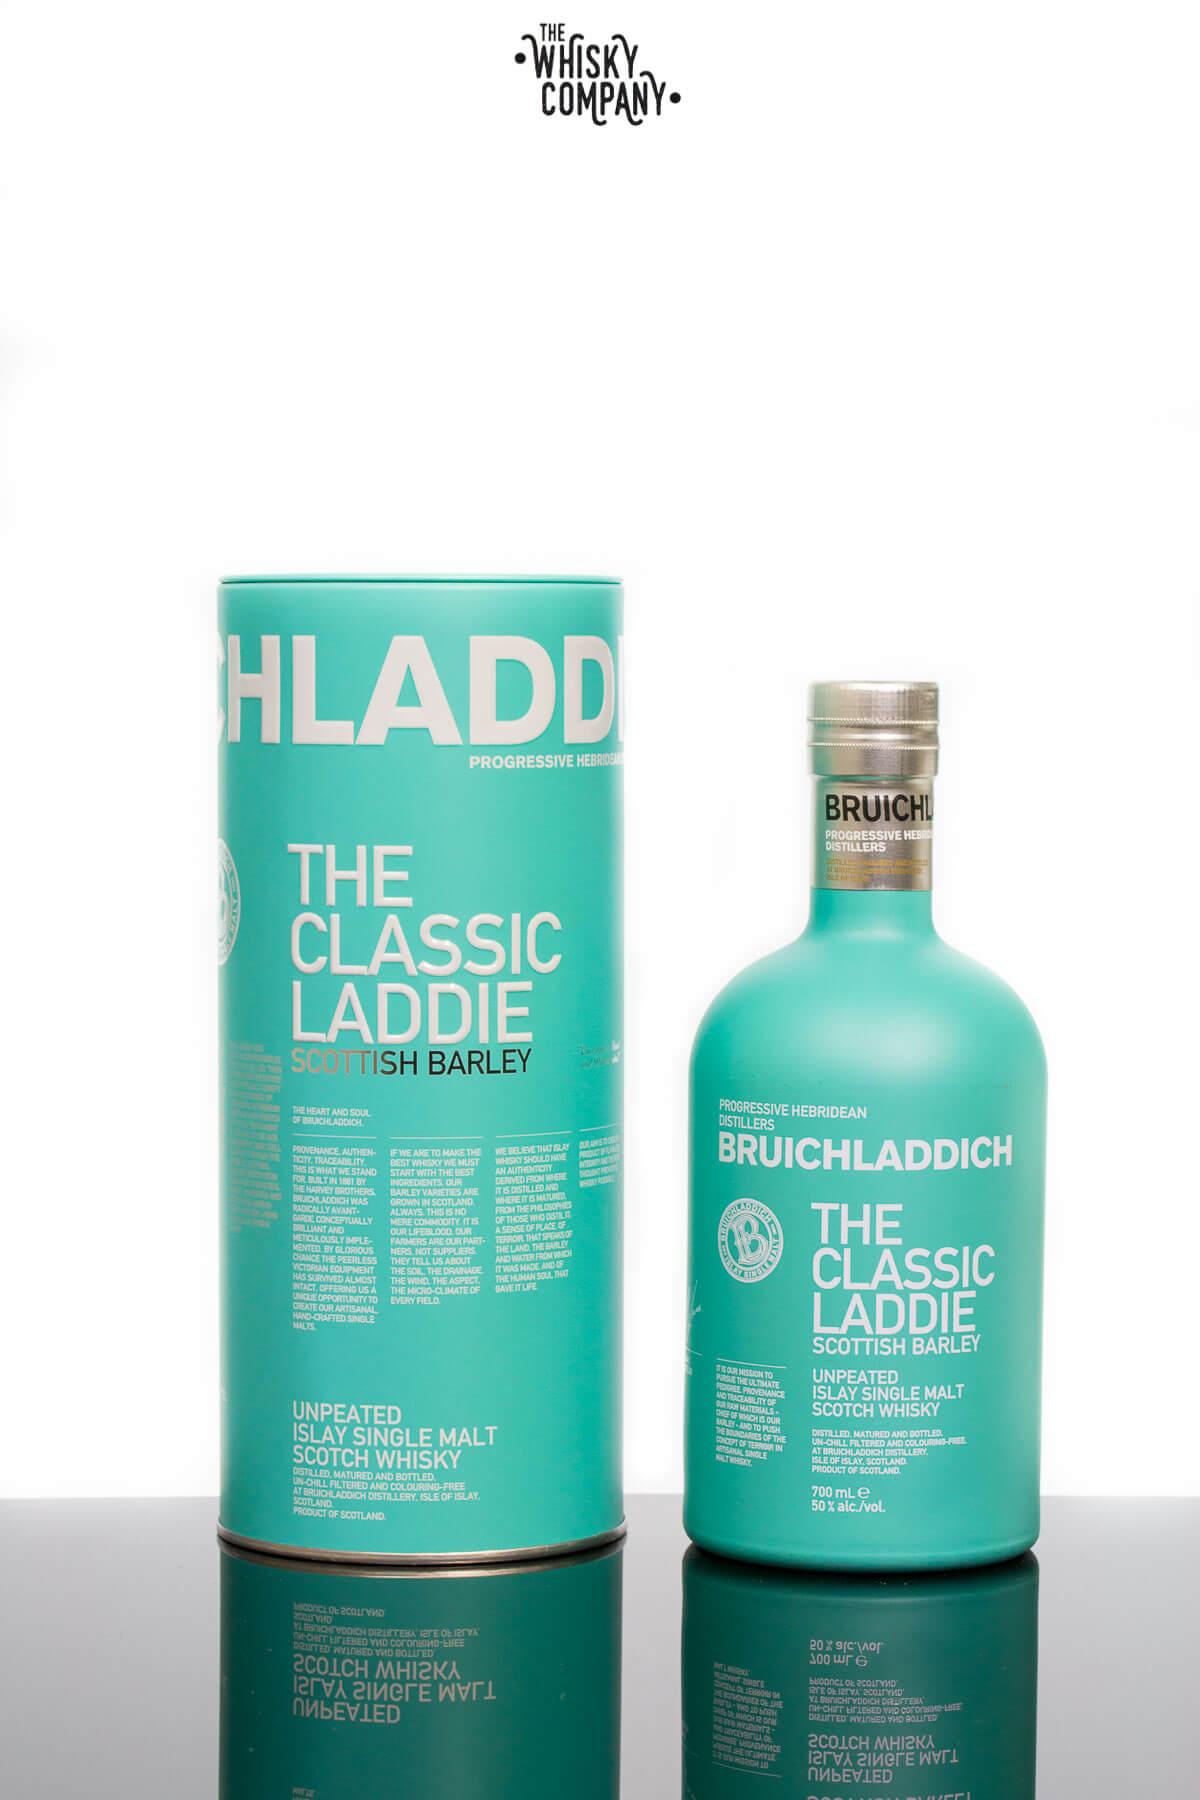 Bruichladdich 'The Classic Laddie' Scottish Barley Islay Single Malt Scotch Whisky (700ml)